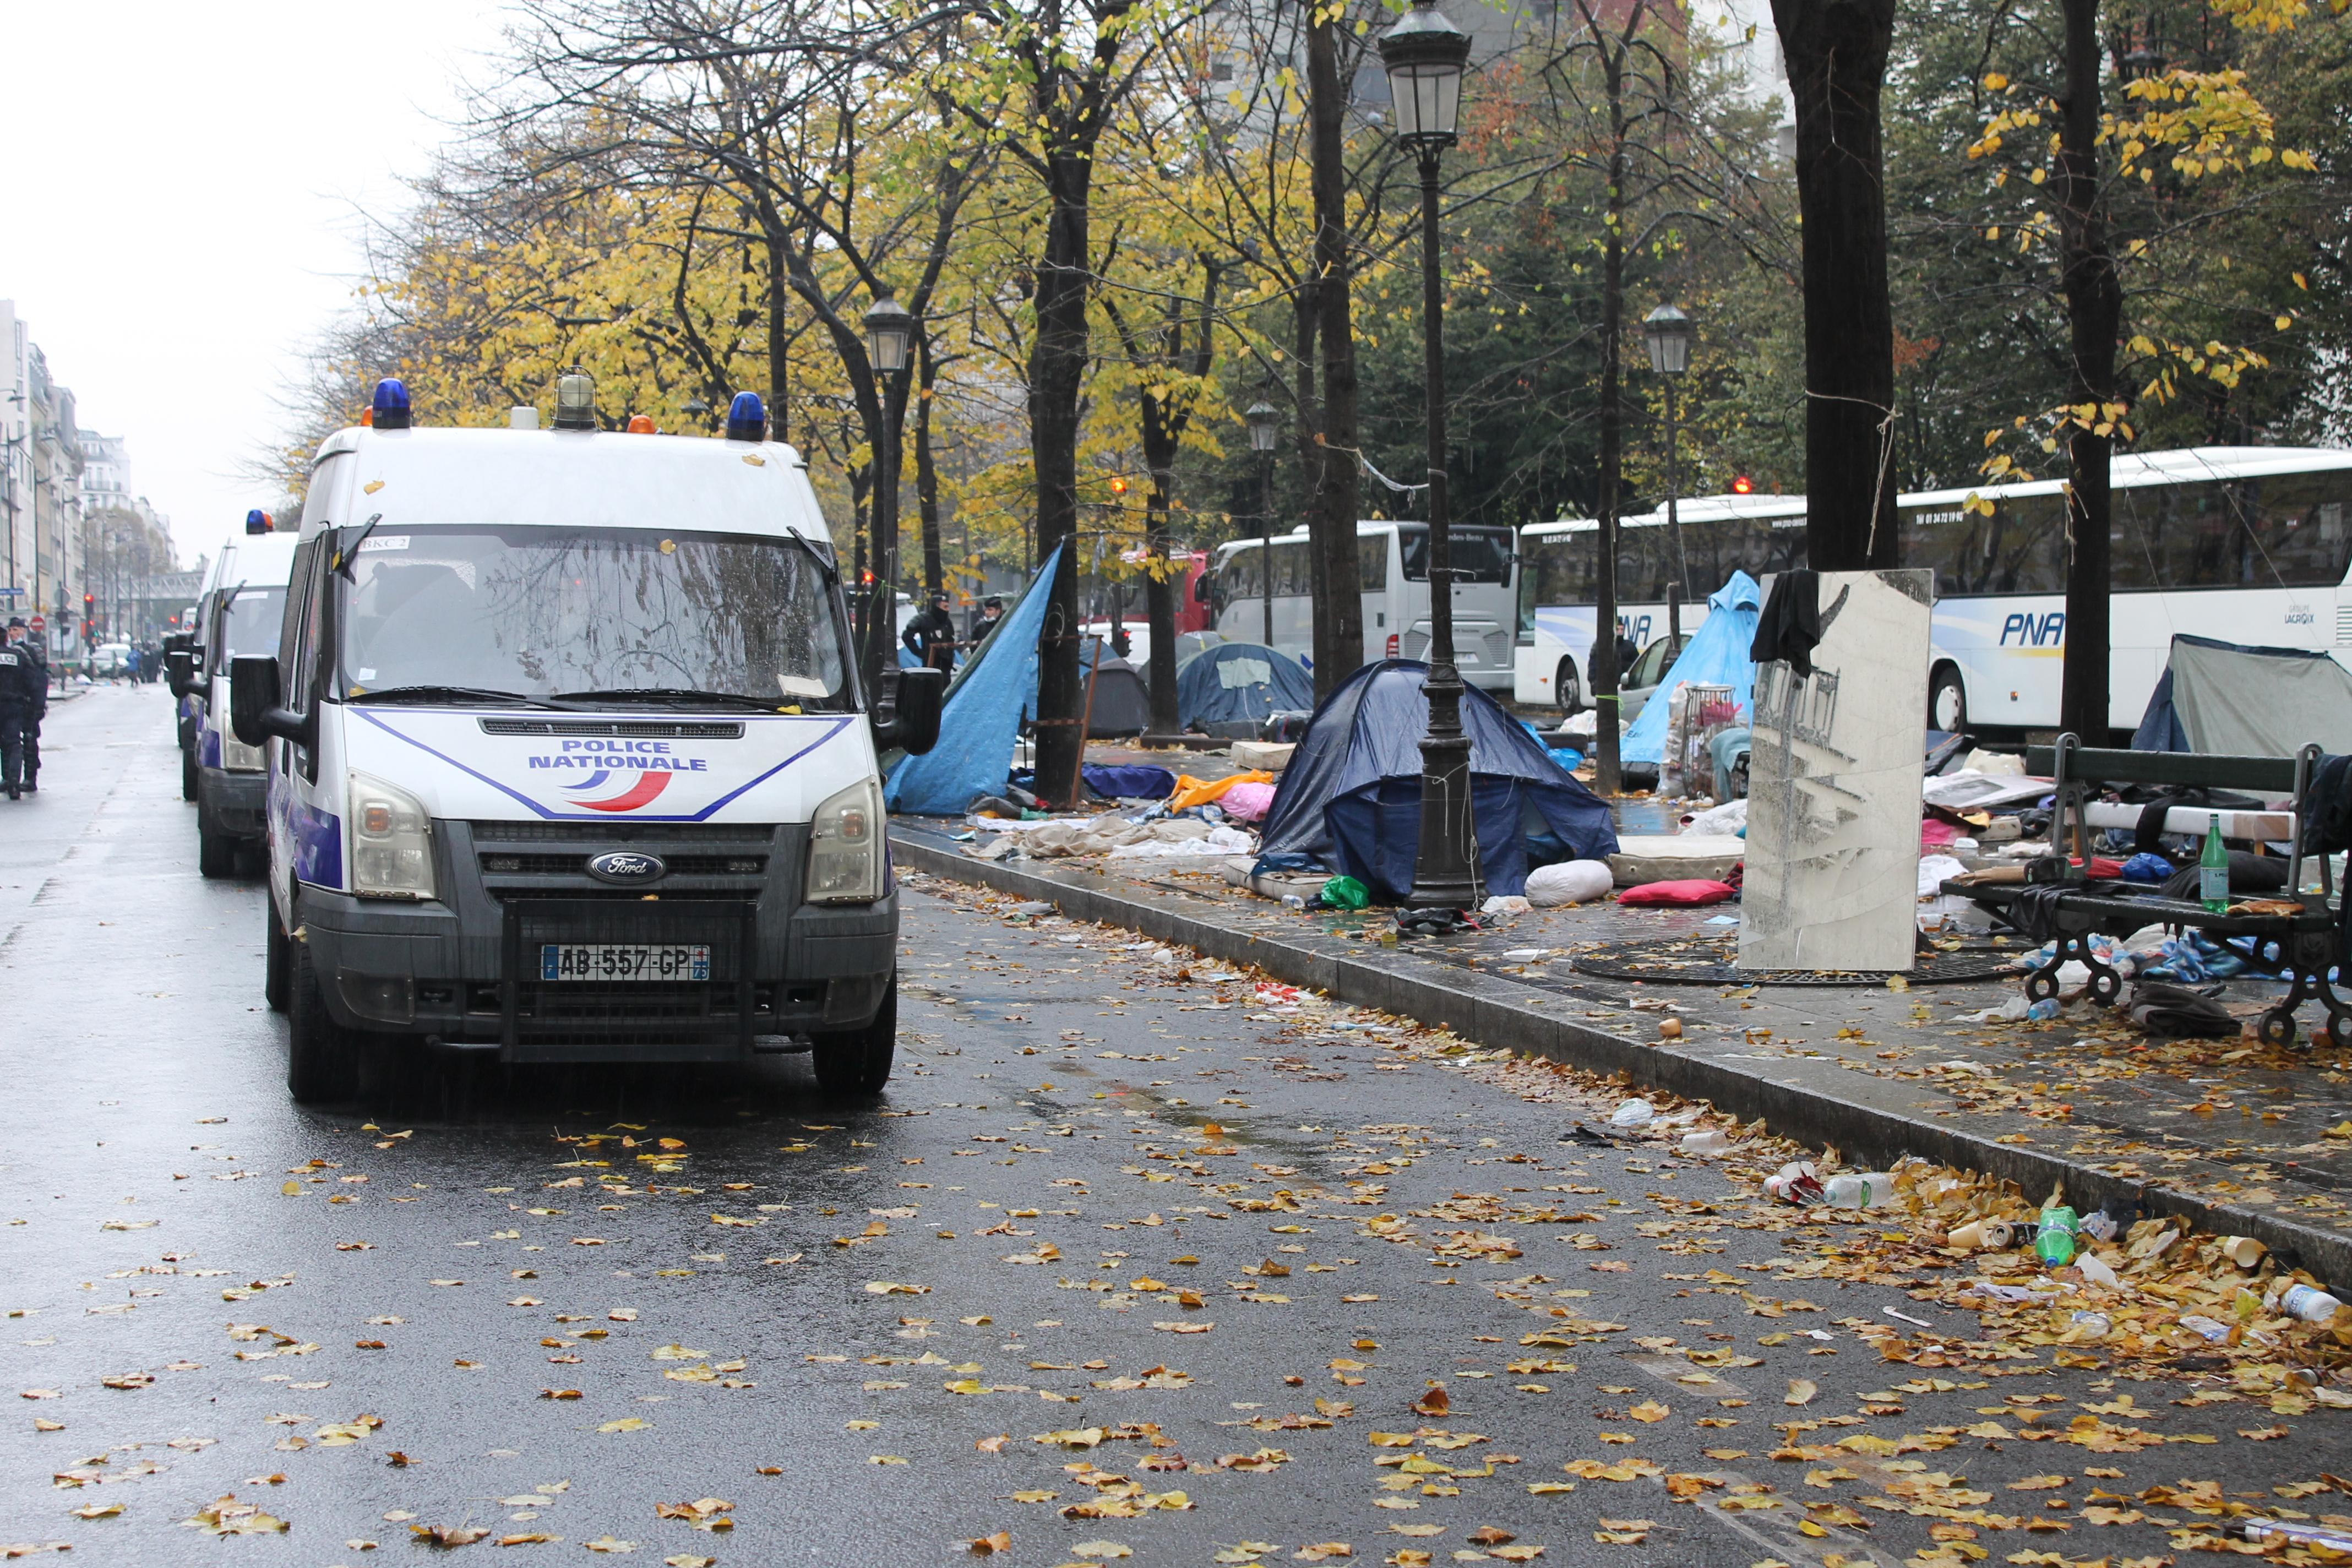 evacuazione-migranti-stalingrado-4-novembre-7